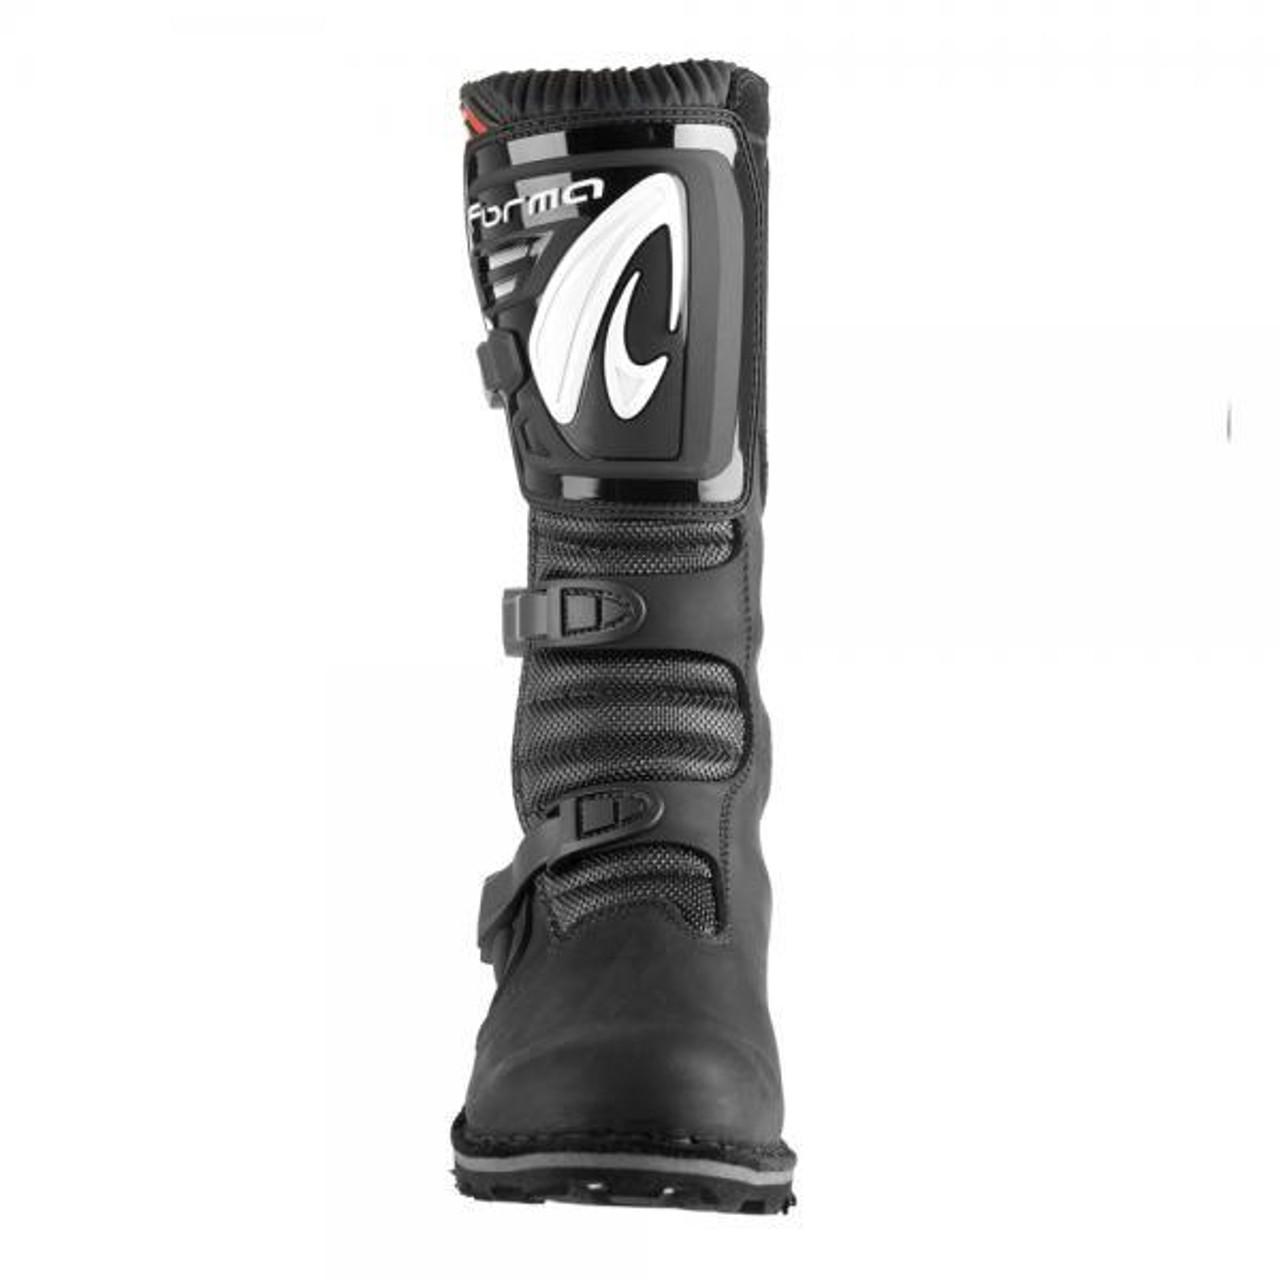 Forma boots Boulder black (FBB BLACK)